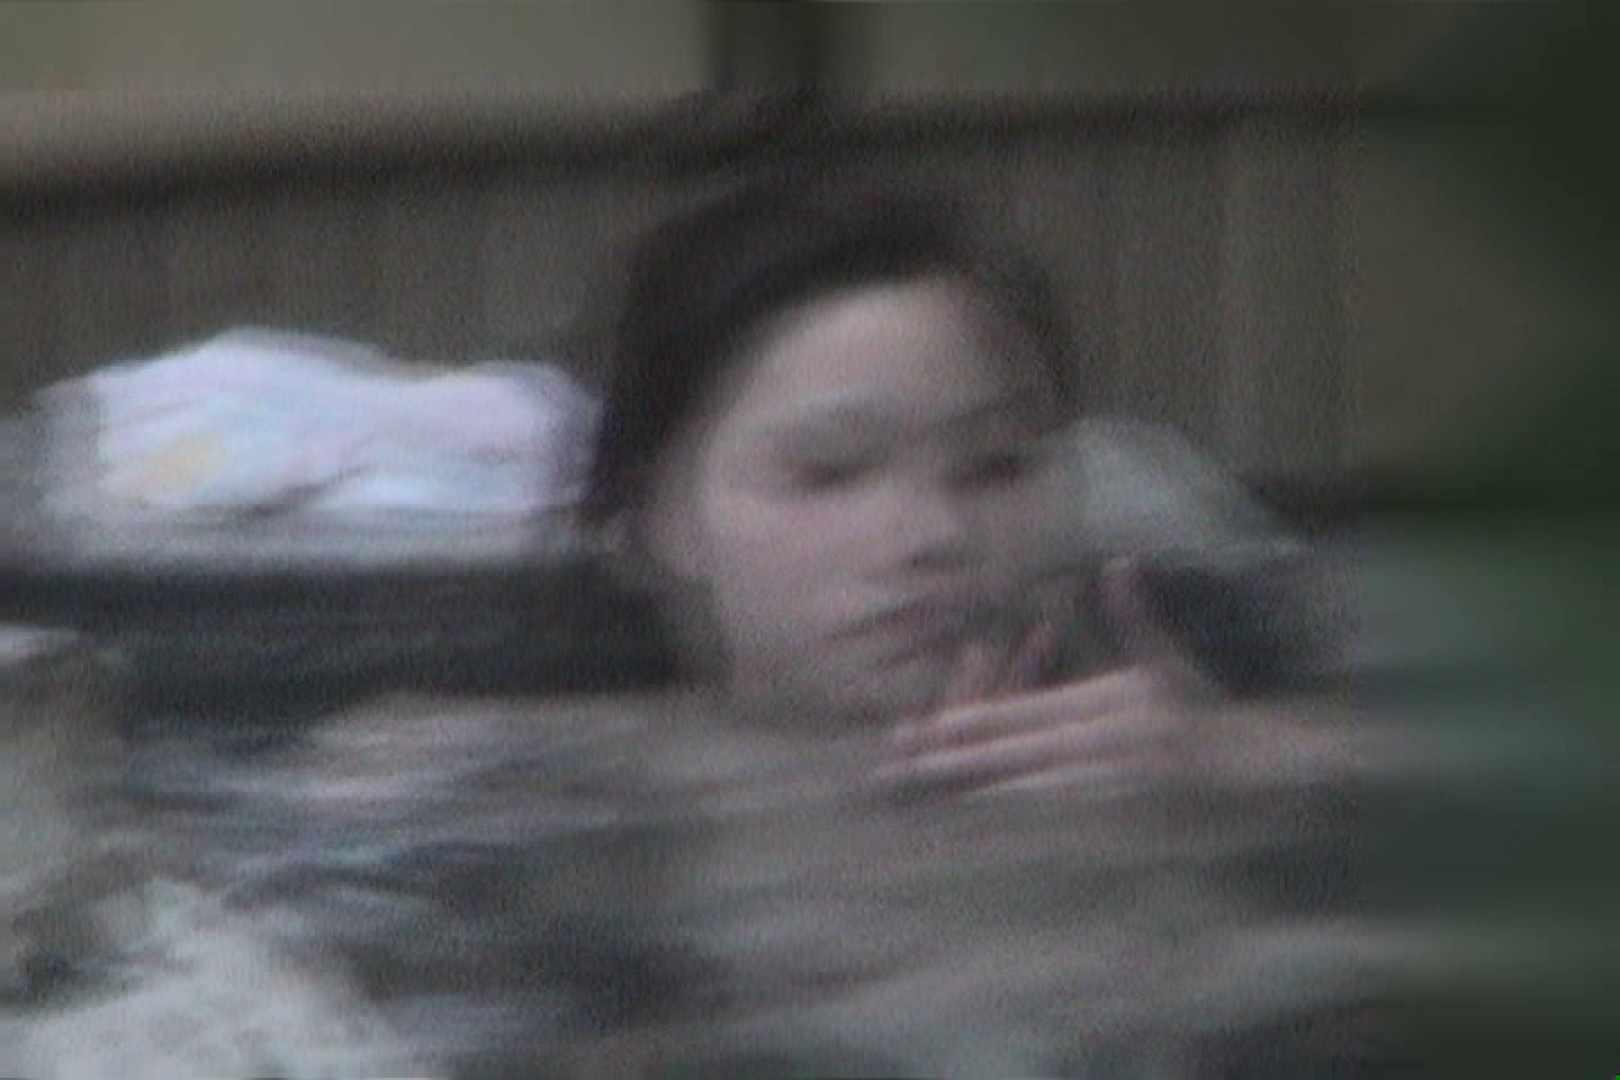 Aquaな露天風呂Vol.602 盗撮師作品 | 美しいOLの裸体  98pic 67